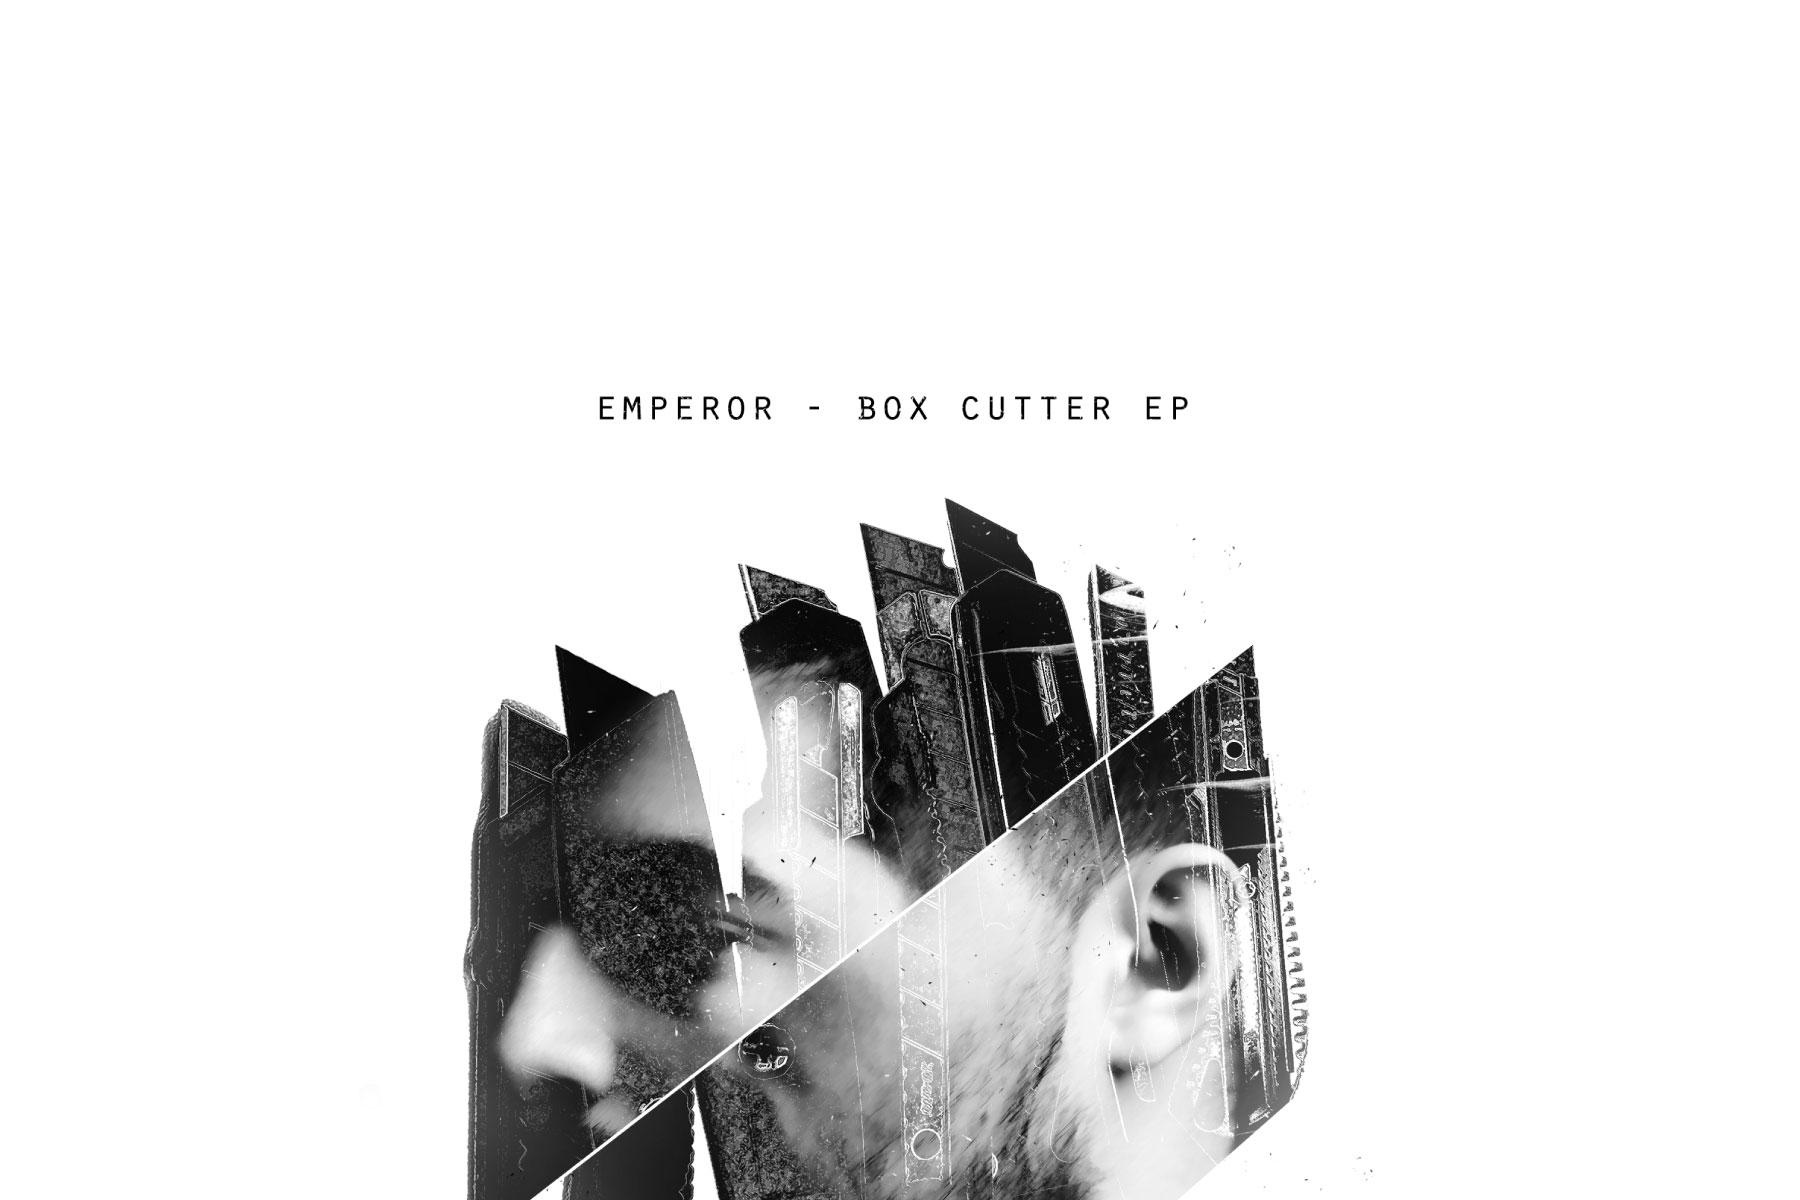 Boxcutter EP